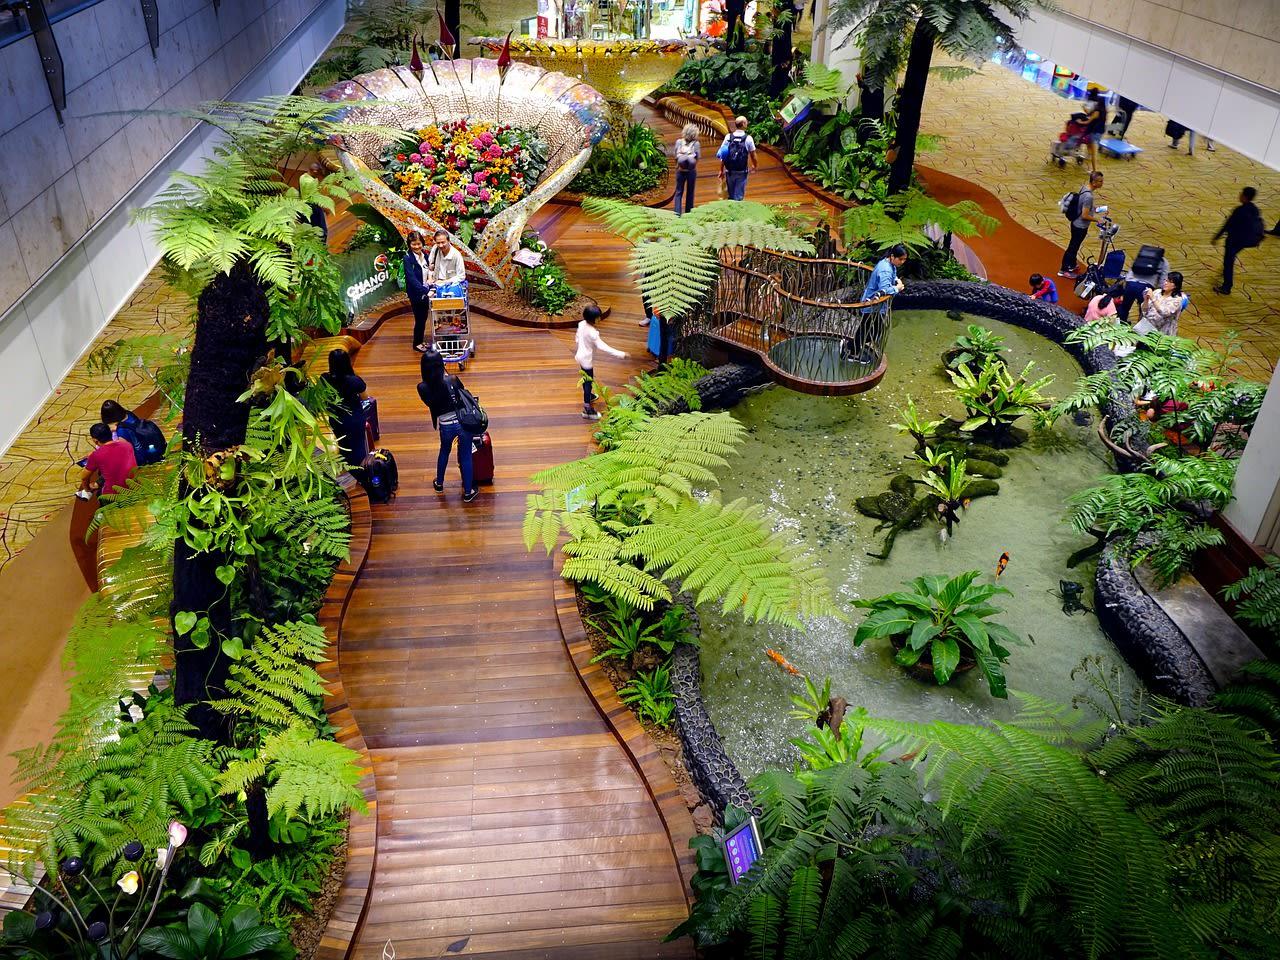 tham quan khu bươm bướm ở sân bay changi trong lịch trình đi singapore cho nhóm bạn